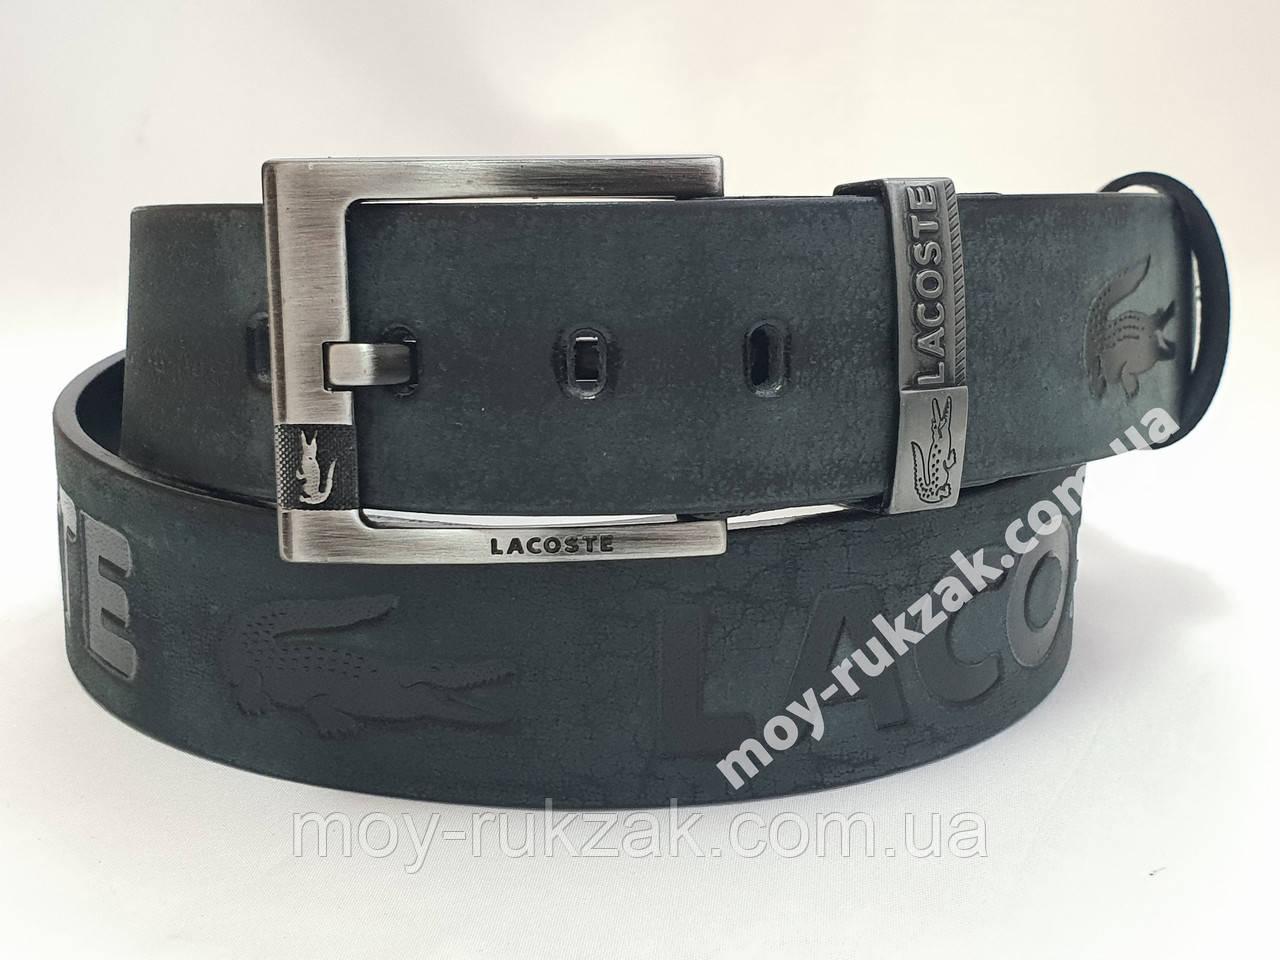 Ремень мужской кожаный Lacoste 45 мм., реплика, арт. 930672